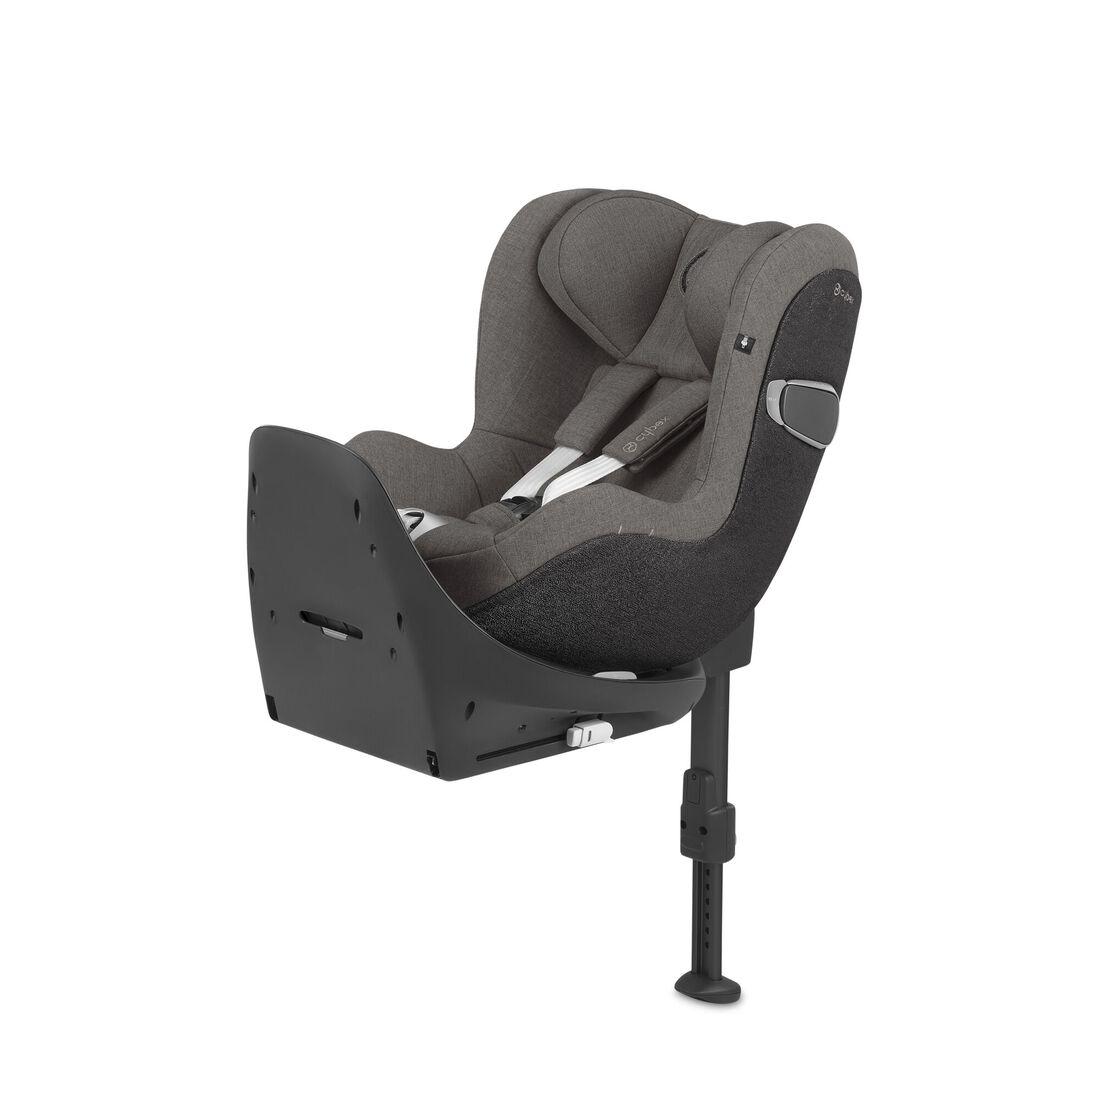 CYBEX Sirona Z i-Size - Soho Grey Plus in Soho Grey Plus large image number 2